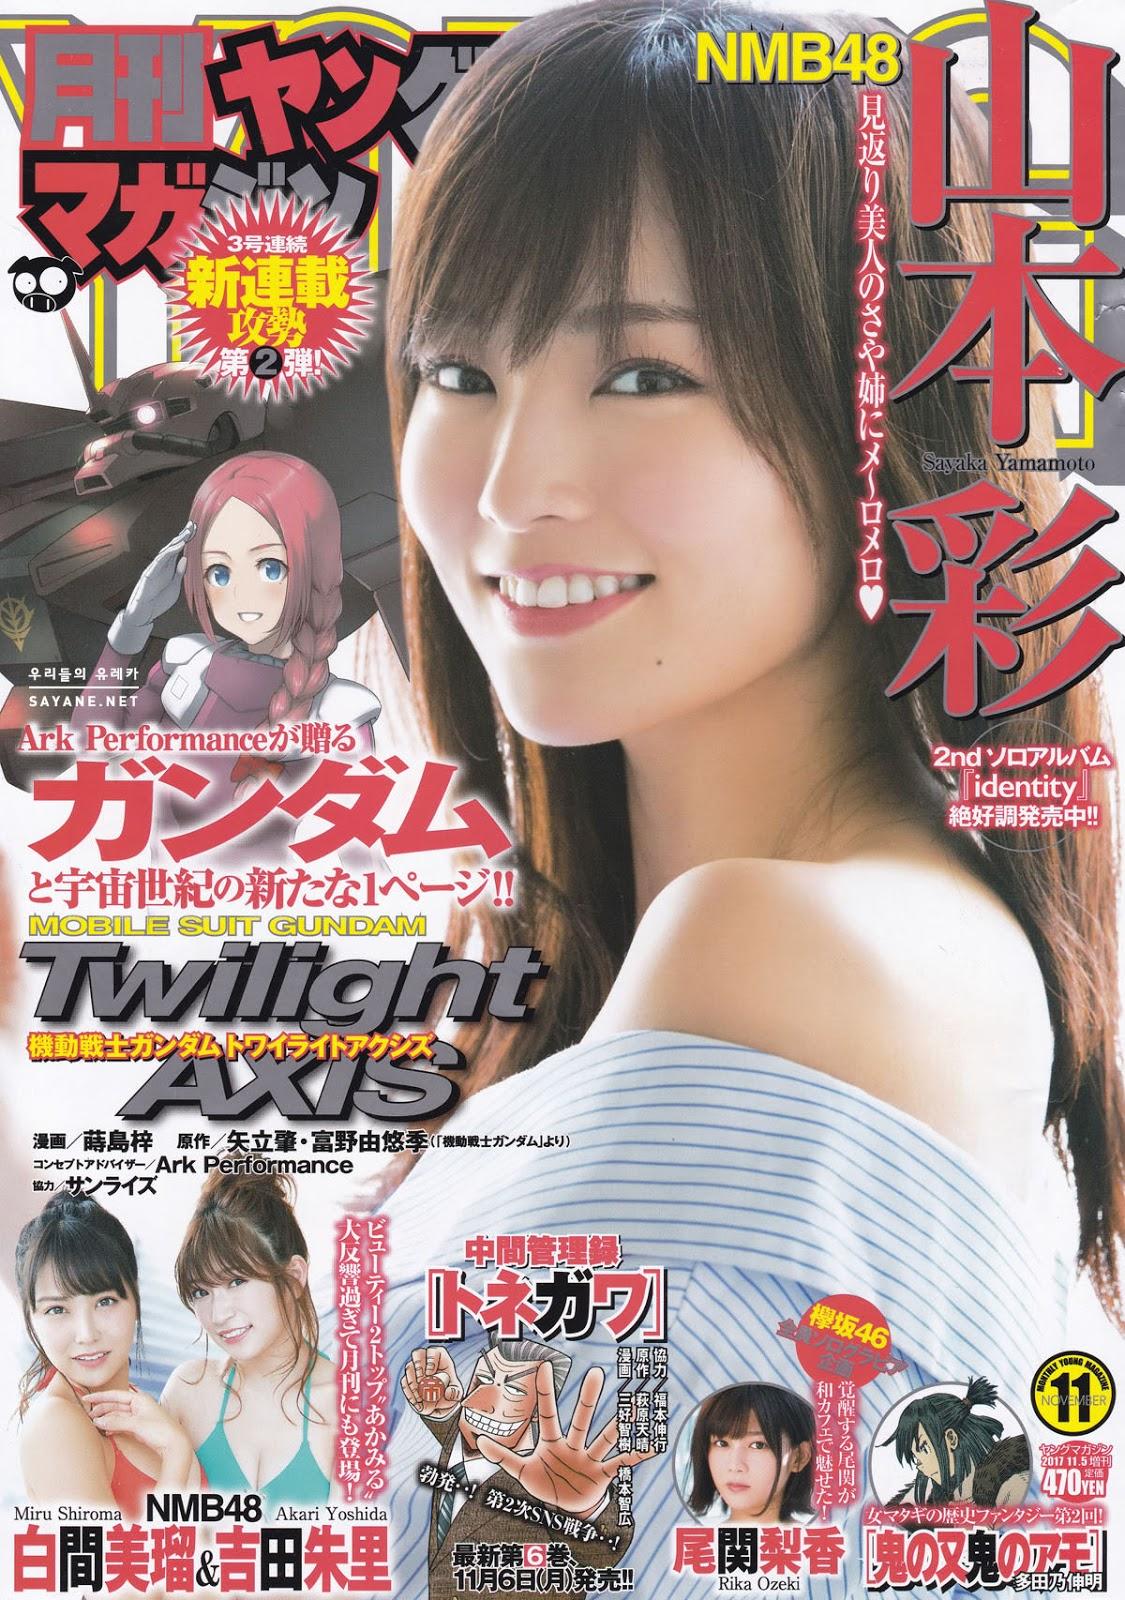 Yamamoto Sayaka 山本彩, Young Magazine Gekkan 2017 No.11 (月刊ヤングマガジン 2017年11号)